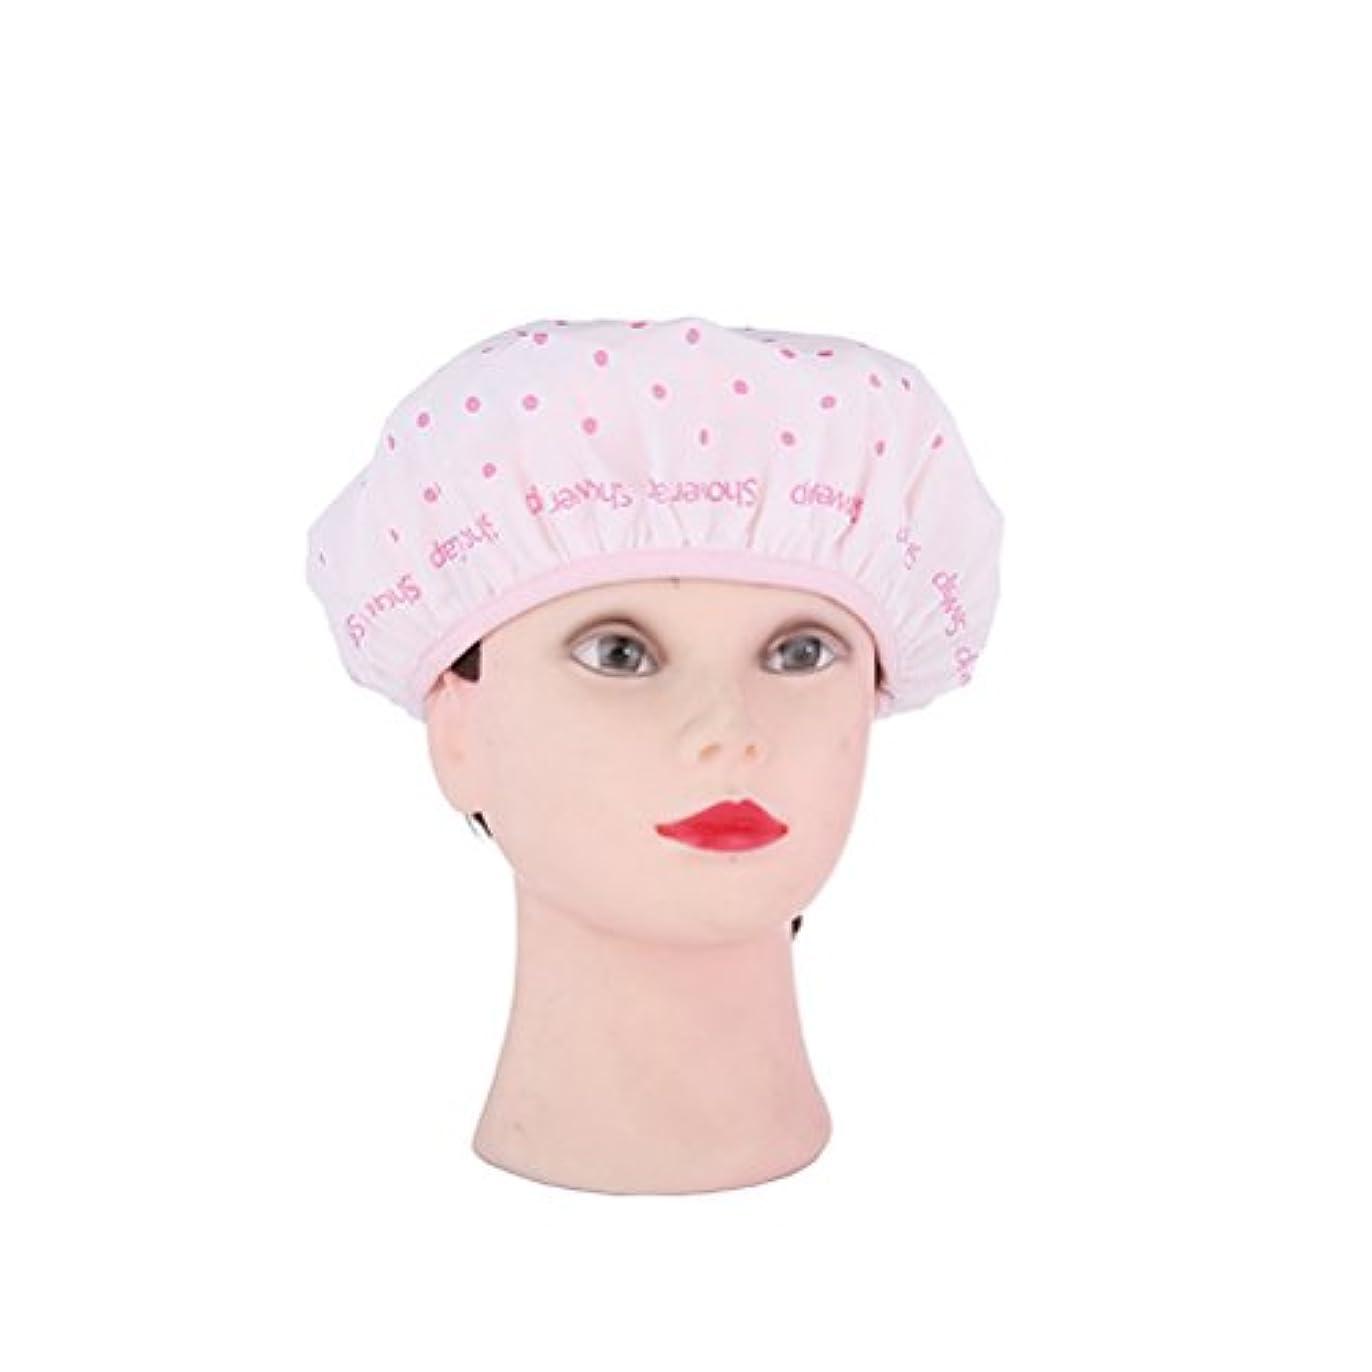 約懸念達成可能ROSENICE シャワーキャップ防水性モールド抵抗性の洗えるシャワーキャップかわいいやわらかい髪の帽子(ピンク)